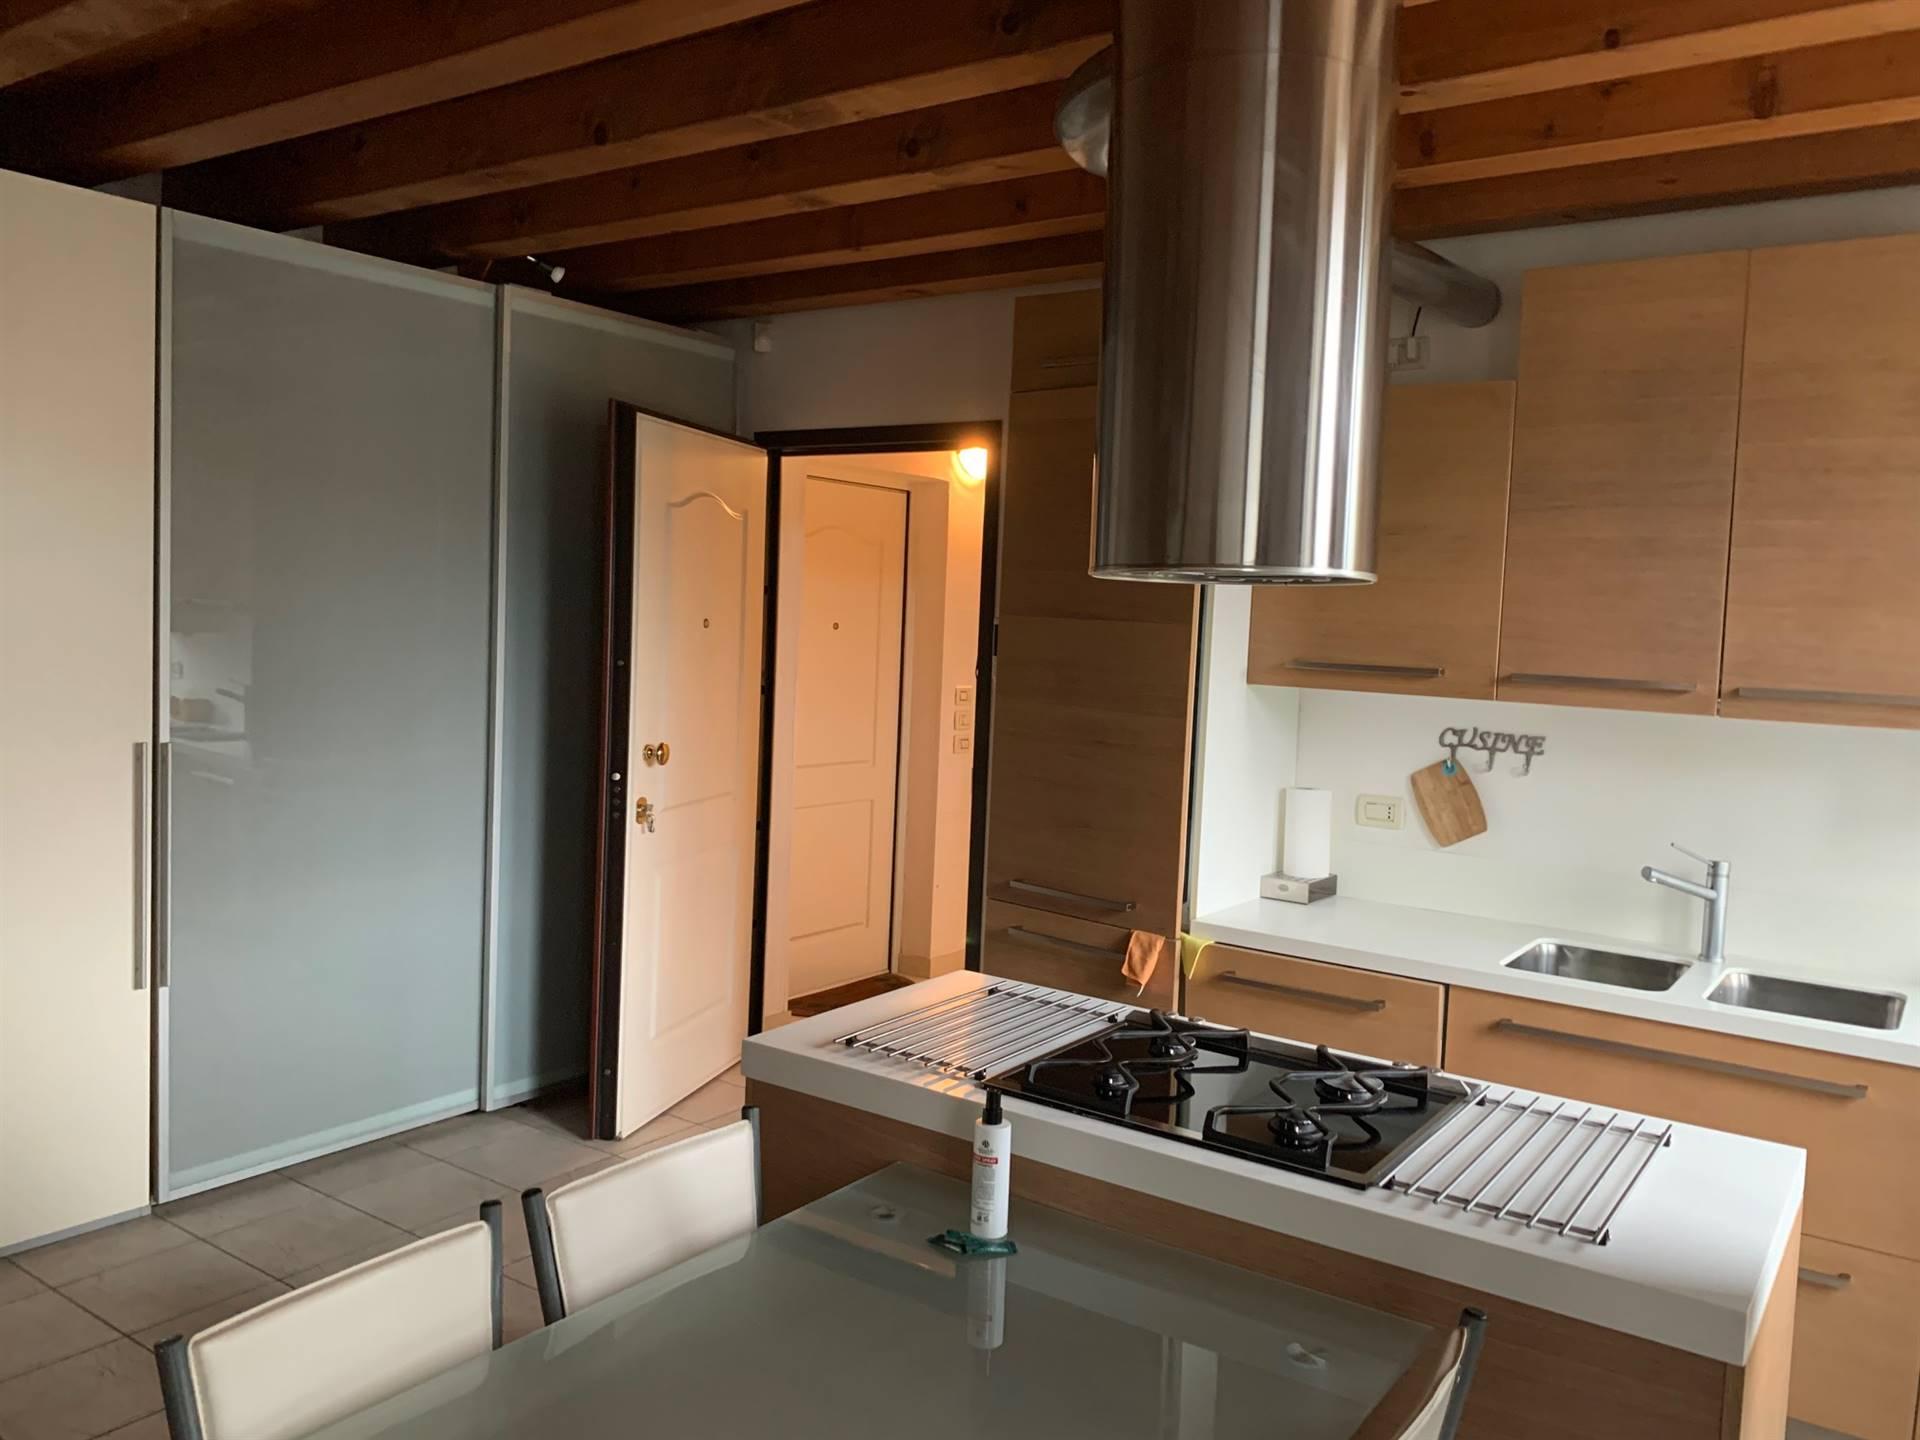 cucina su appartamento d'epoca a Mestre